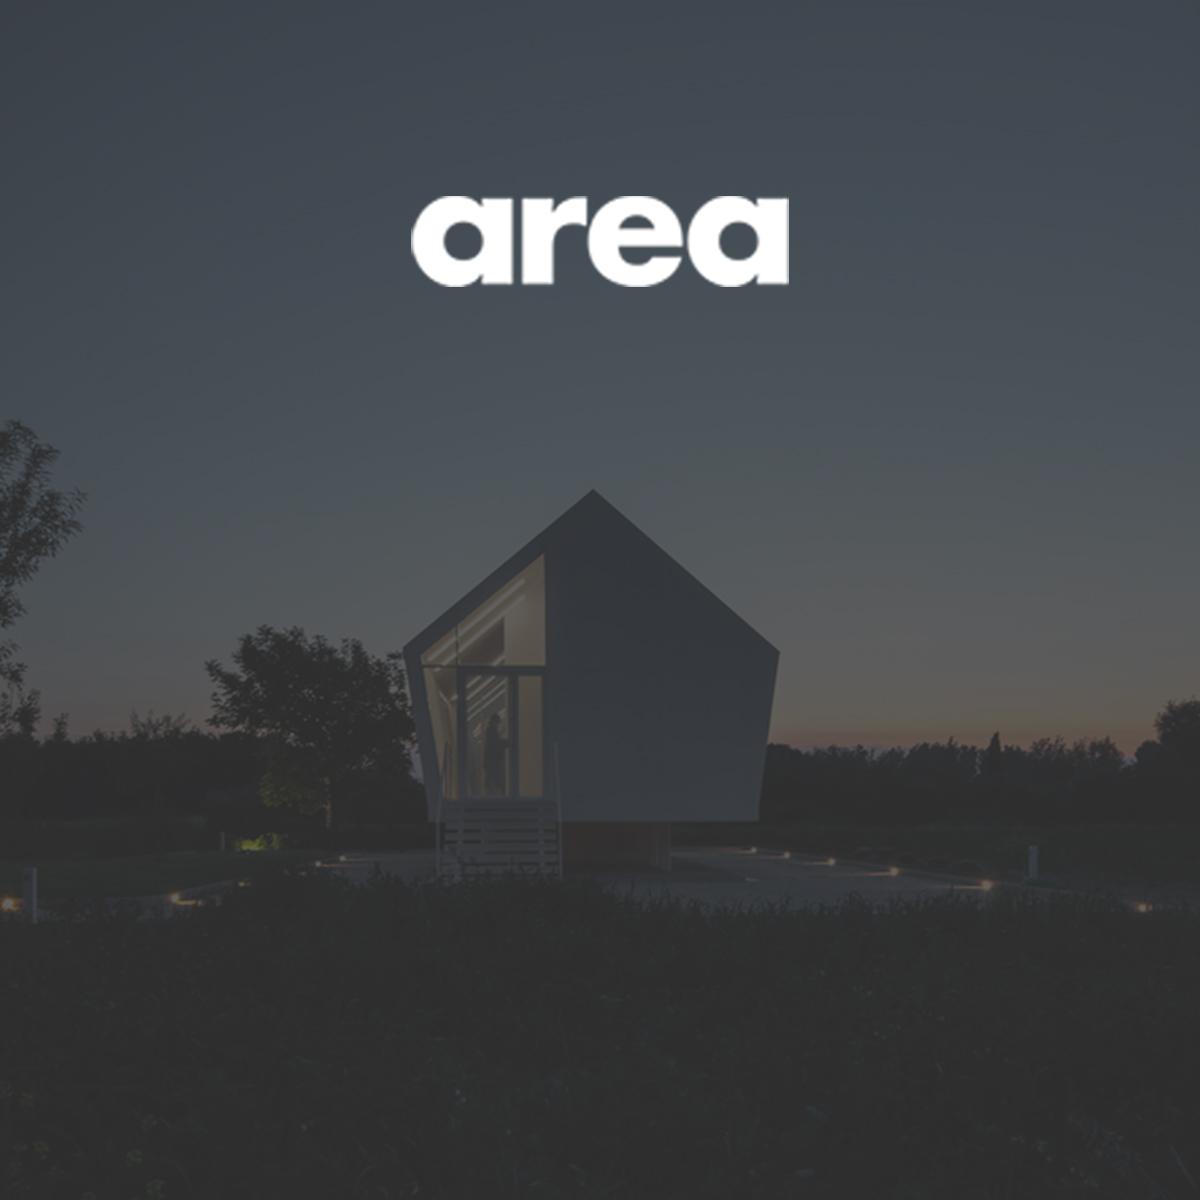 area-media